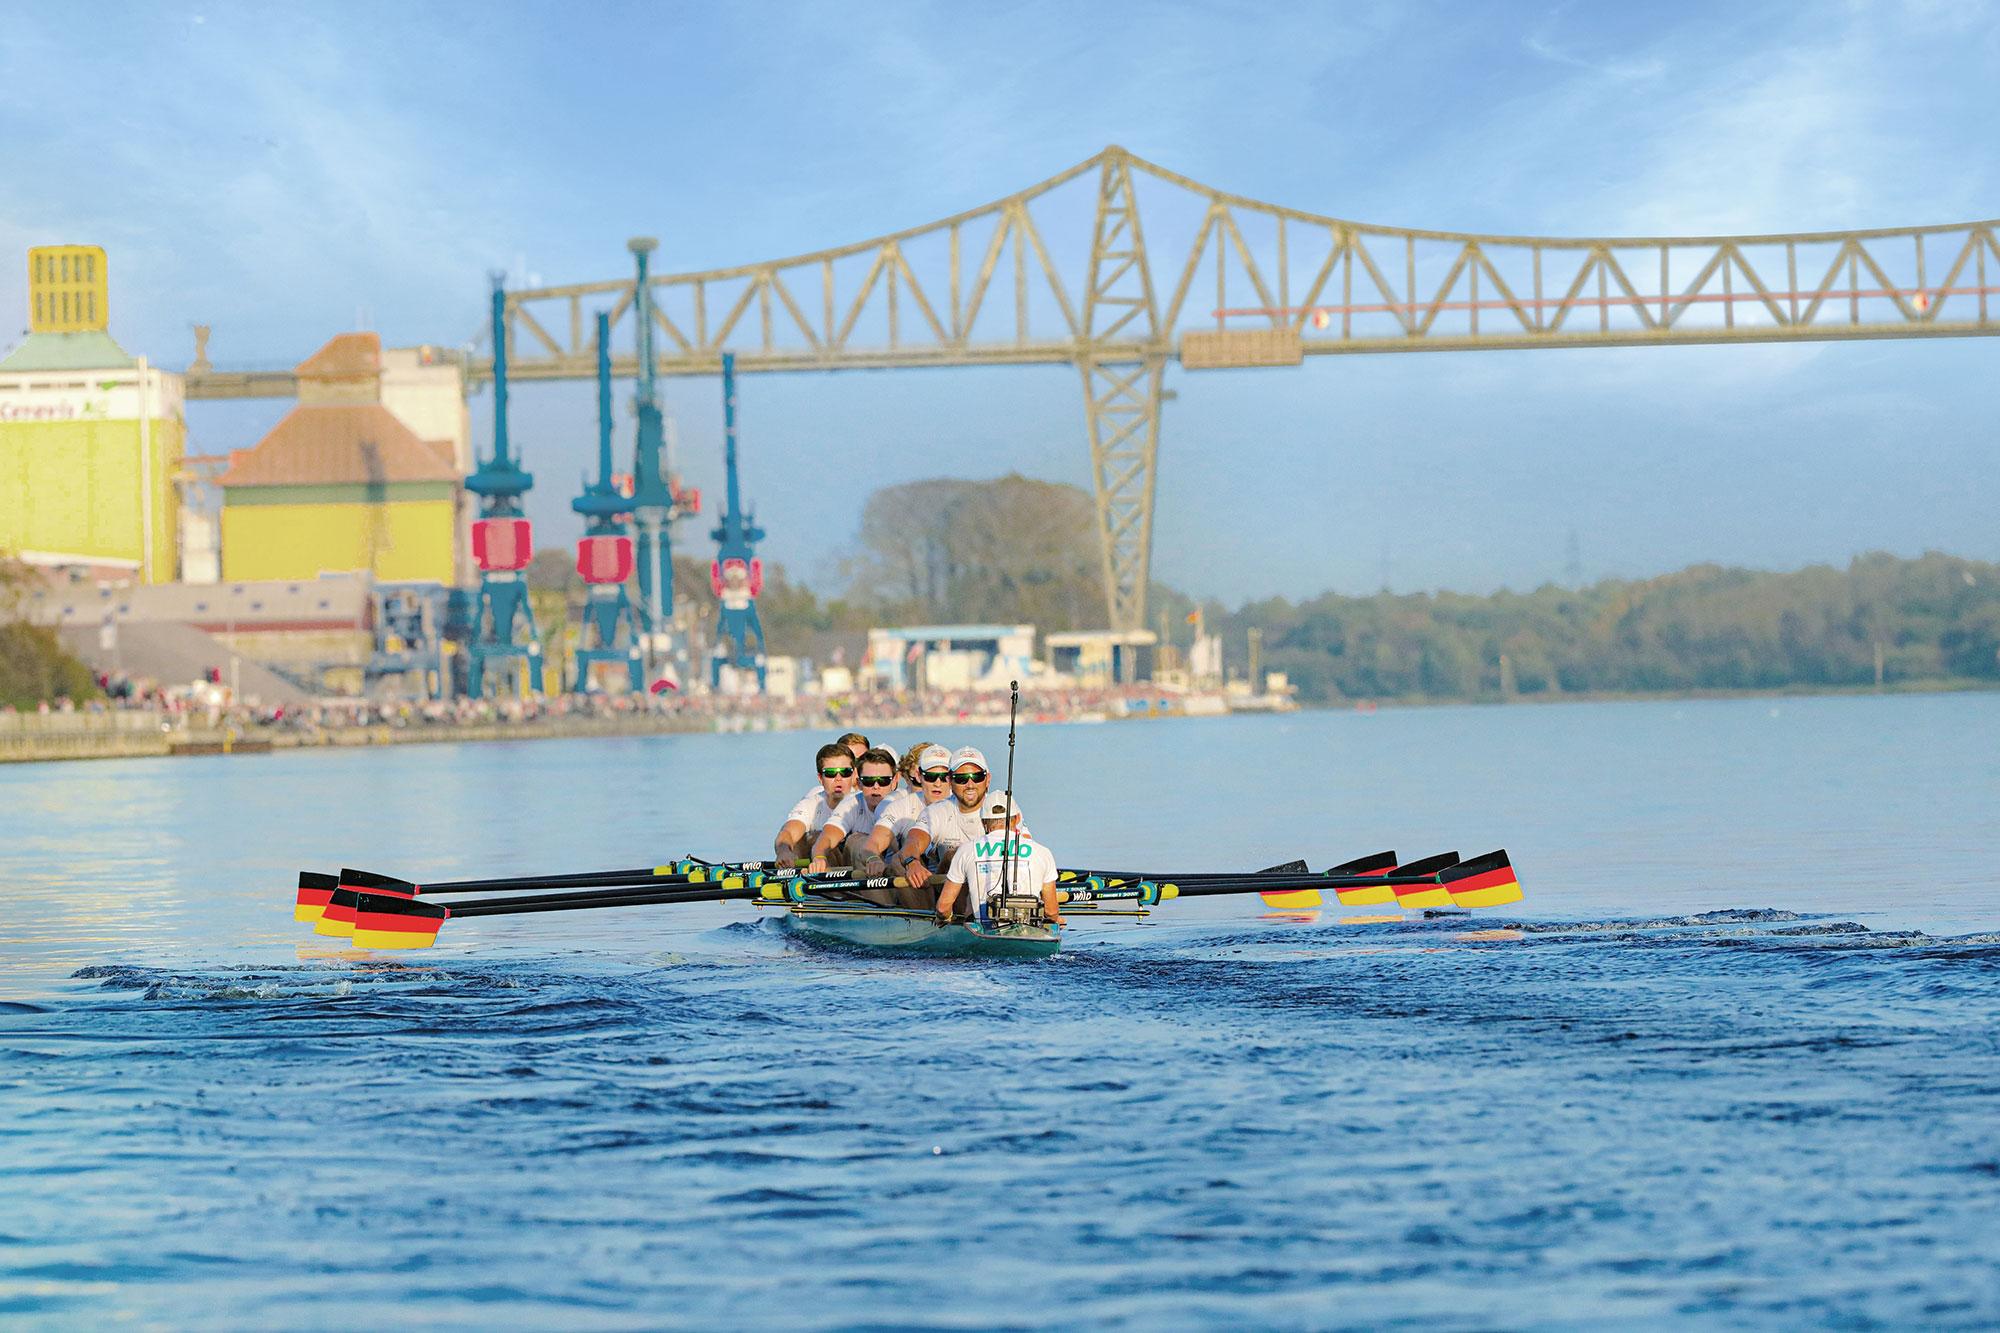 Der 20. Schleswig-Holstein Netz Cup findet statt. Bild zeigt Ruderachter vor der Rendsburger Hochbrücke